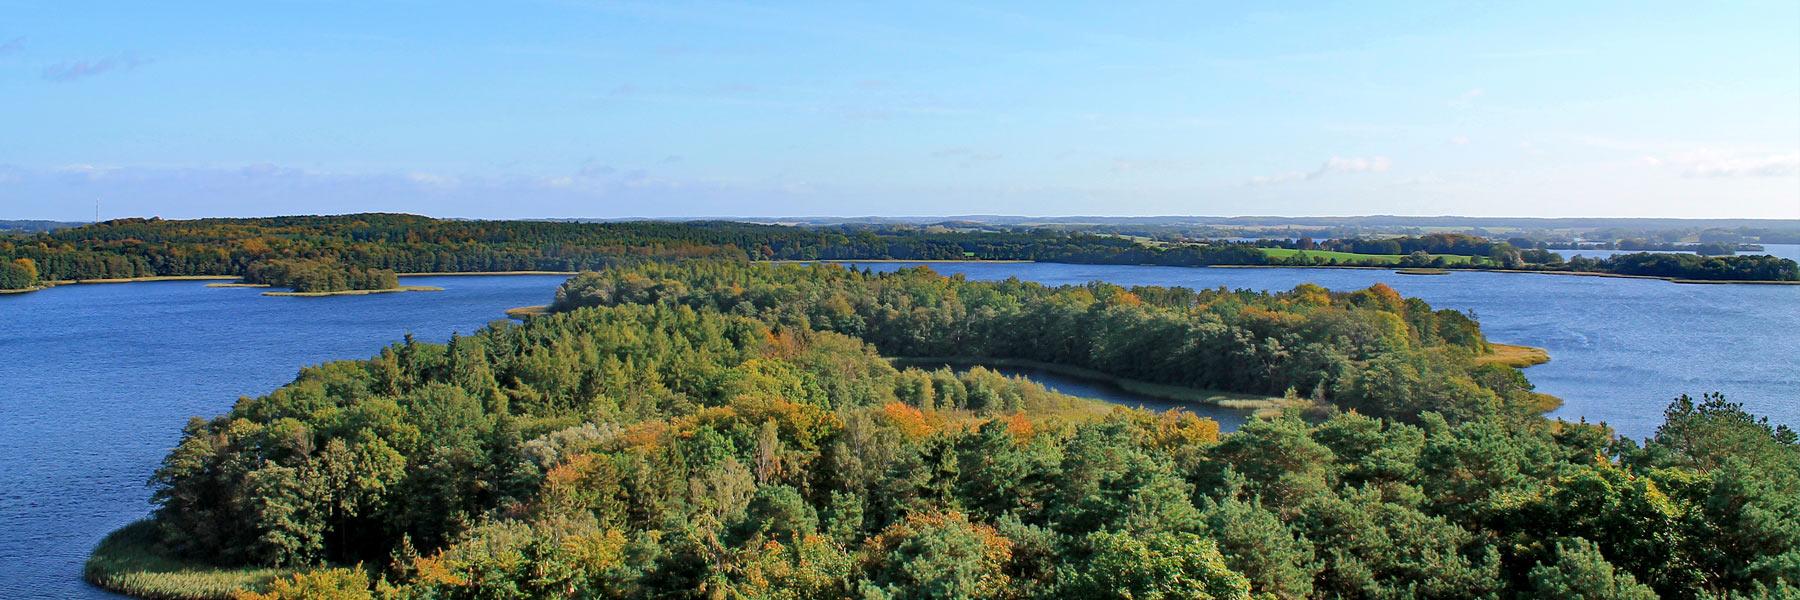 Seenlandschaft - Krakow am See